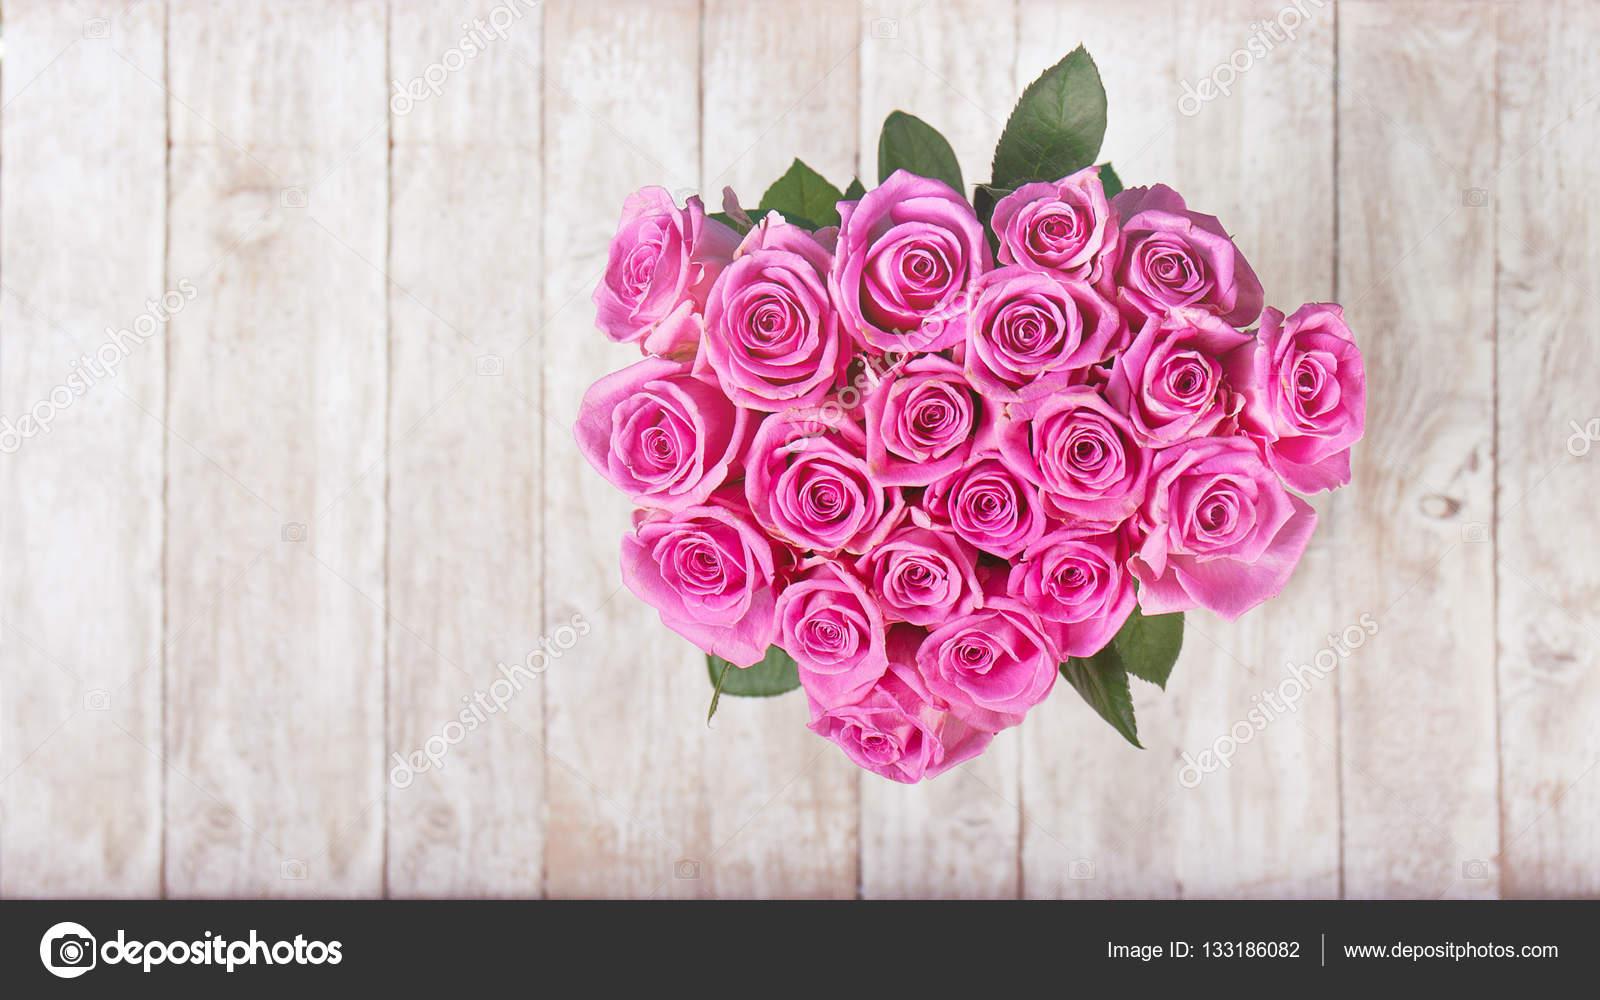 Beau bouquet de roses roses en forme de coeur sur fond en bois photographie nerudol 133186082 - Bouquet de roses en forme de coeur ...